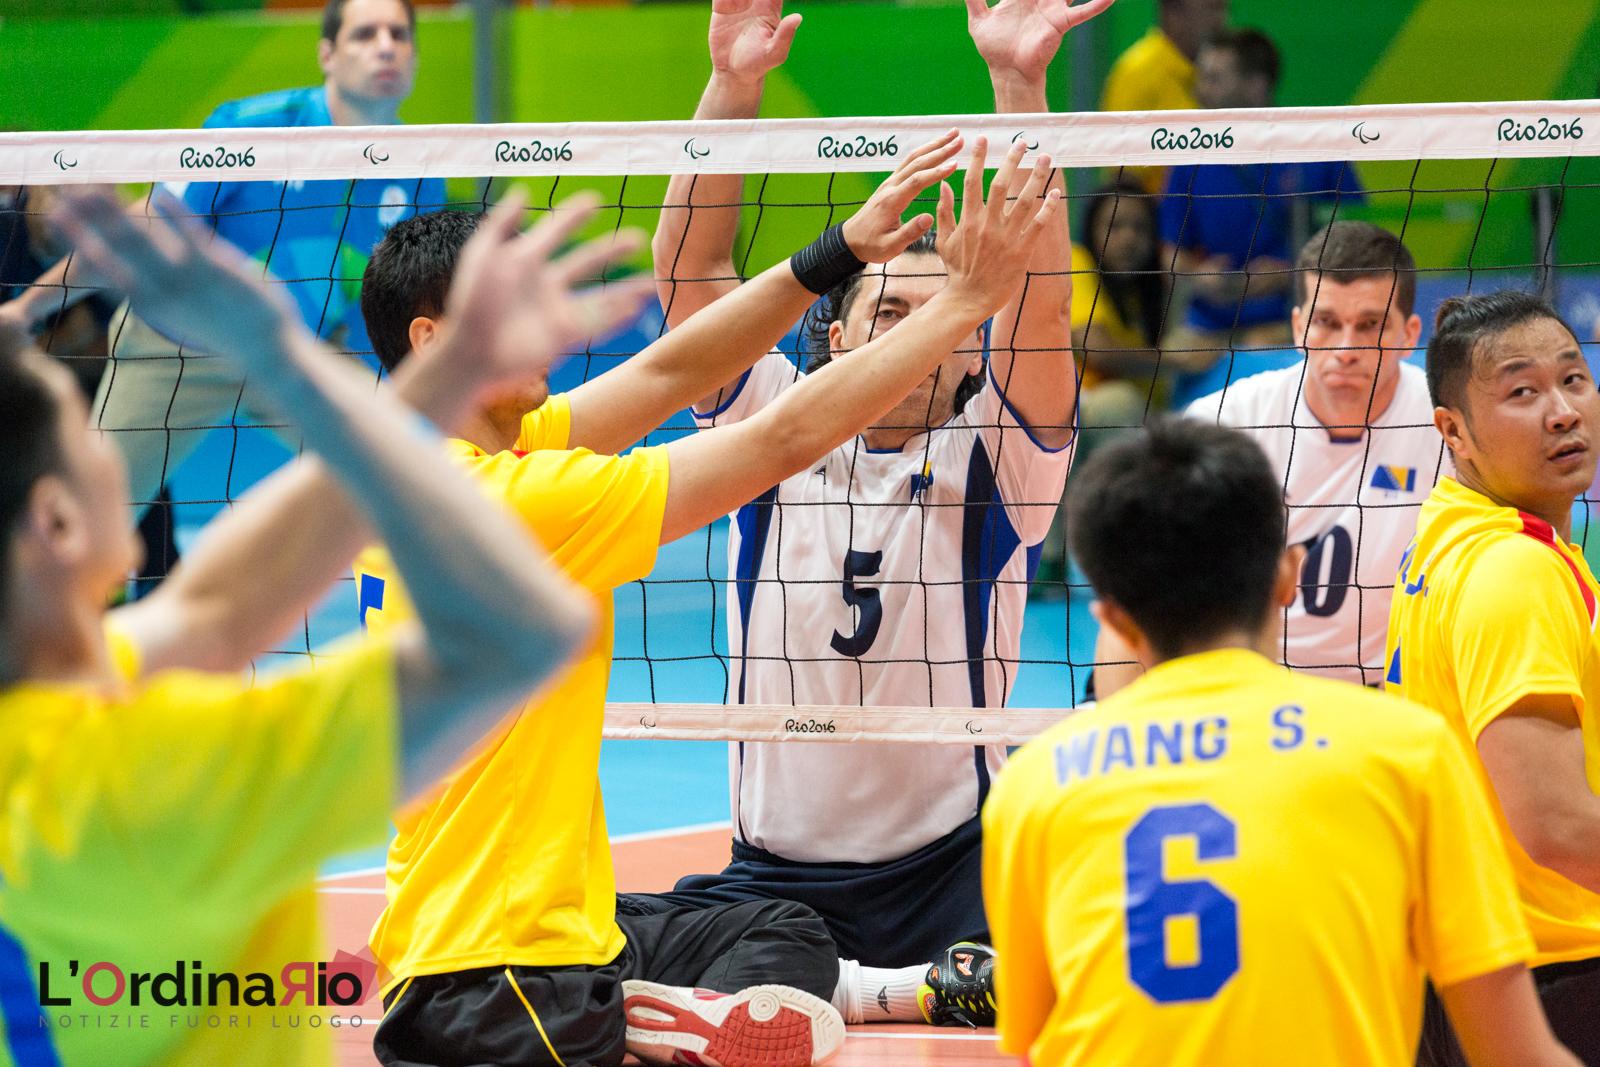 Pallavolo da seduti – Sitting volleyball